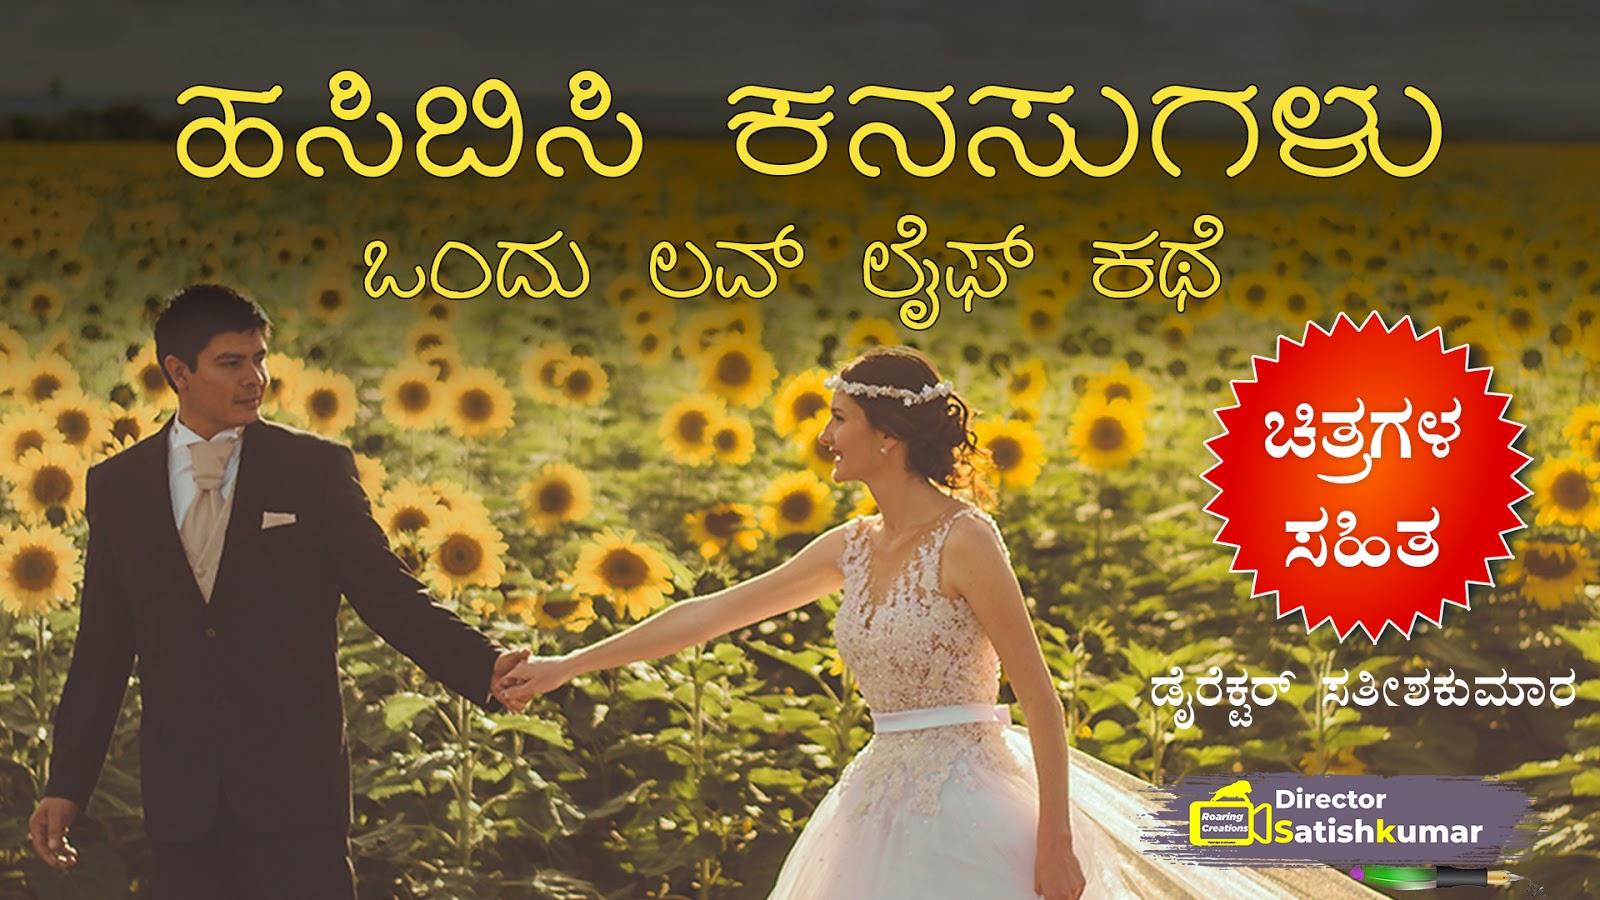 ಹಸಿಬಿಸಿ ಕನಸುಗಳು : ಒಂದು ಲವ್ ಲೈಫ್ ಕಥೆ - Kannada Love Life Story - ಕನ್ನಡ ಕಥೆ ಪುಸ್ತಕಗಳು - Kannada Story Books -  E Books Kannada - Kannada Books